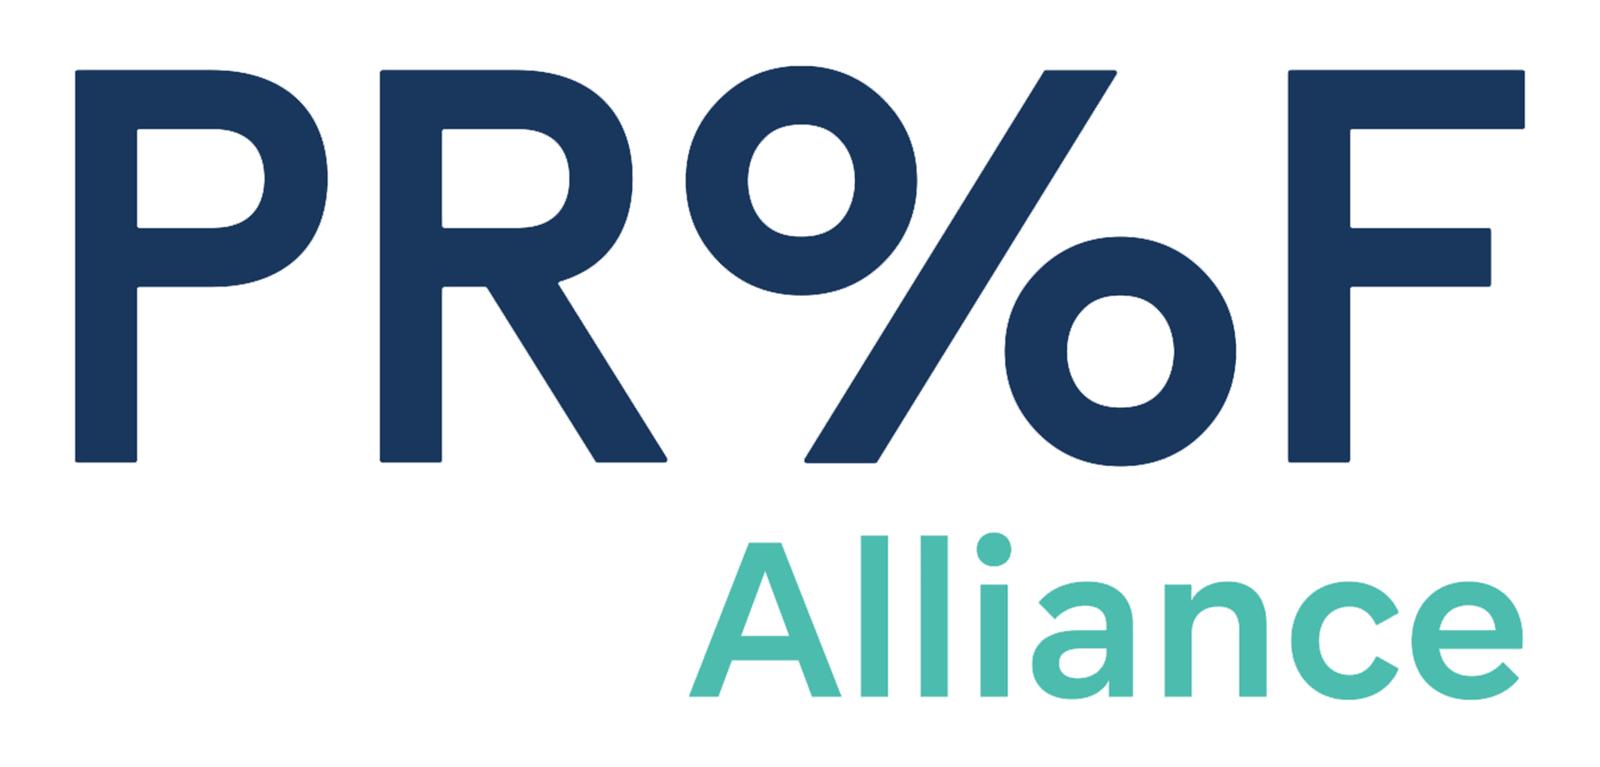 Proof Alliance 启用全新的品牌标志和VI形象设计